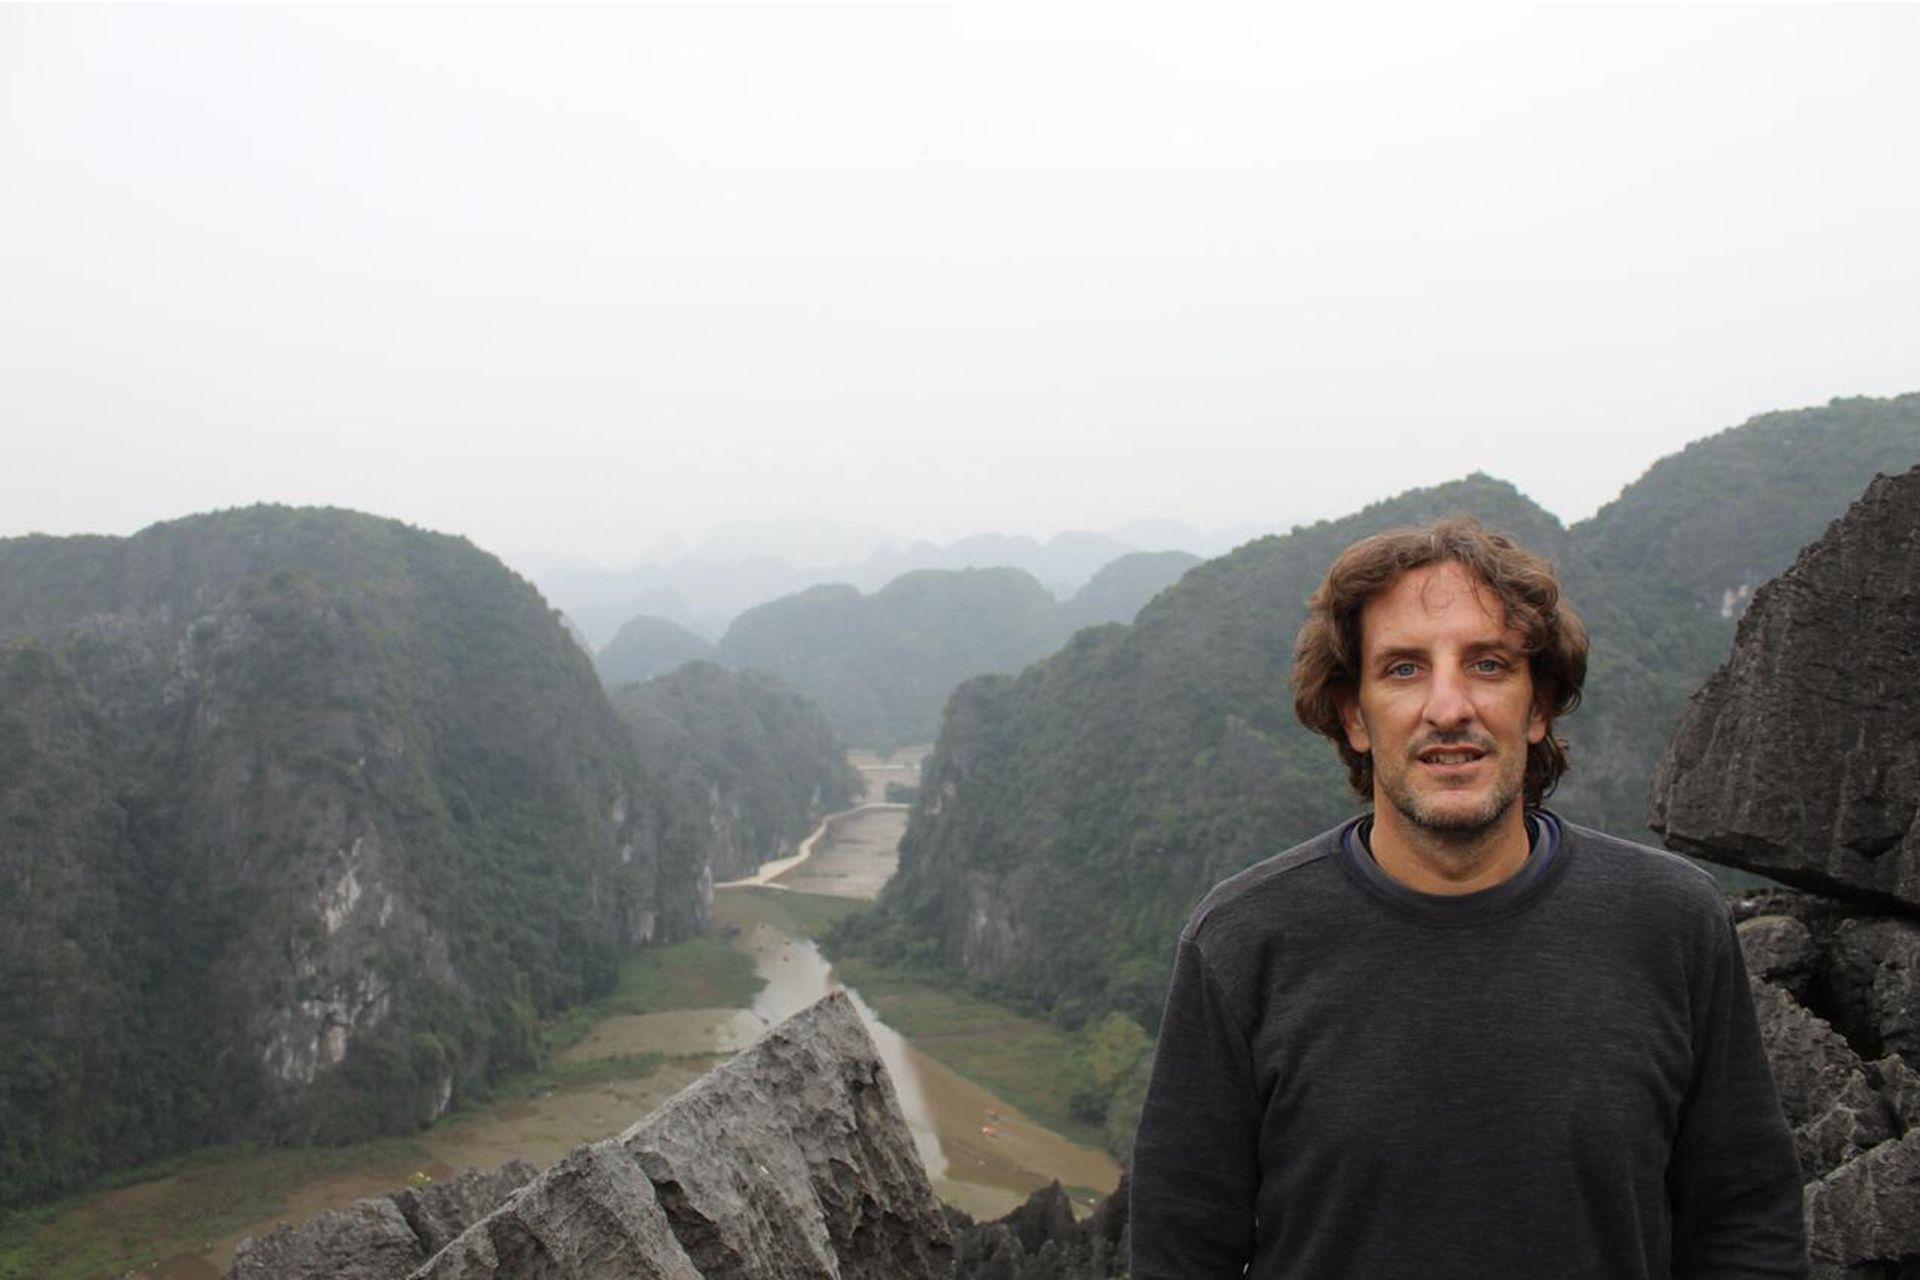 Carlos es un fanático de los viajes. Viajó por todo el mundo y su perfil, su imagen, no es la del típico empresario. Es un hombre descontracturado.